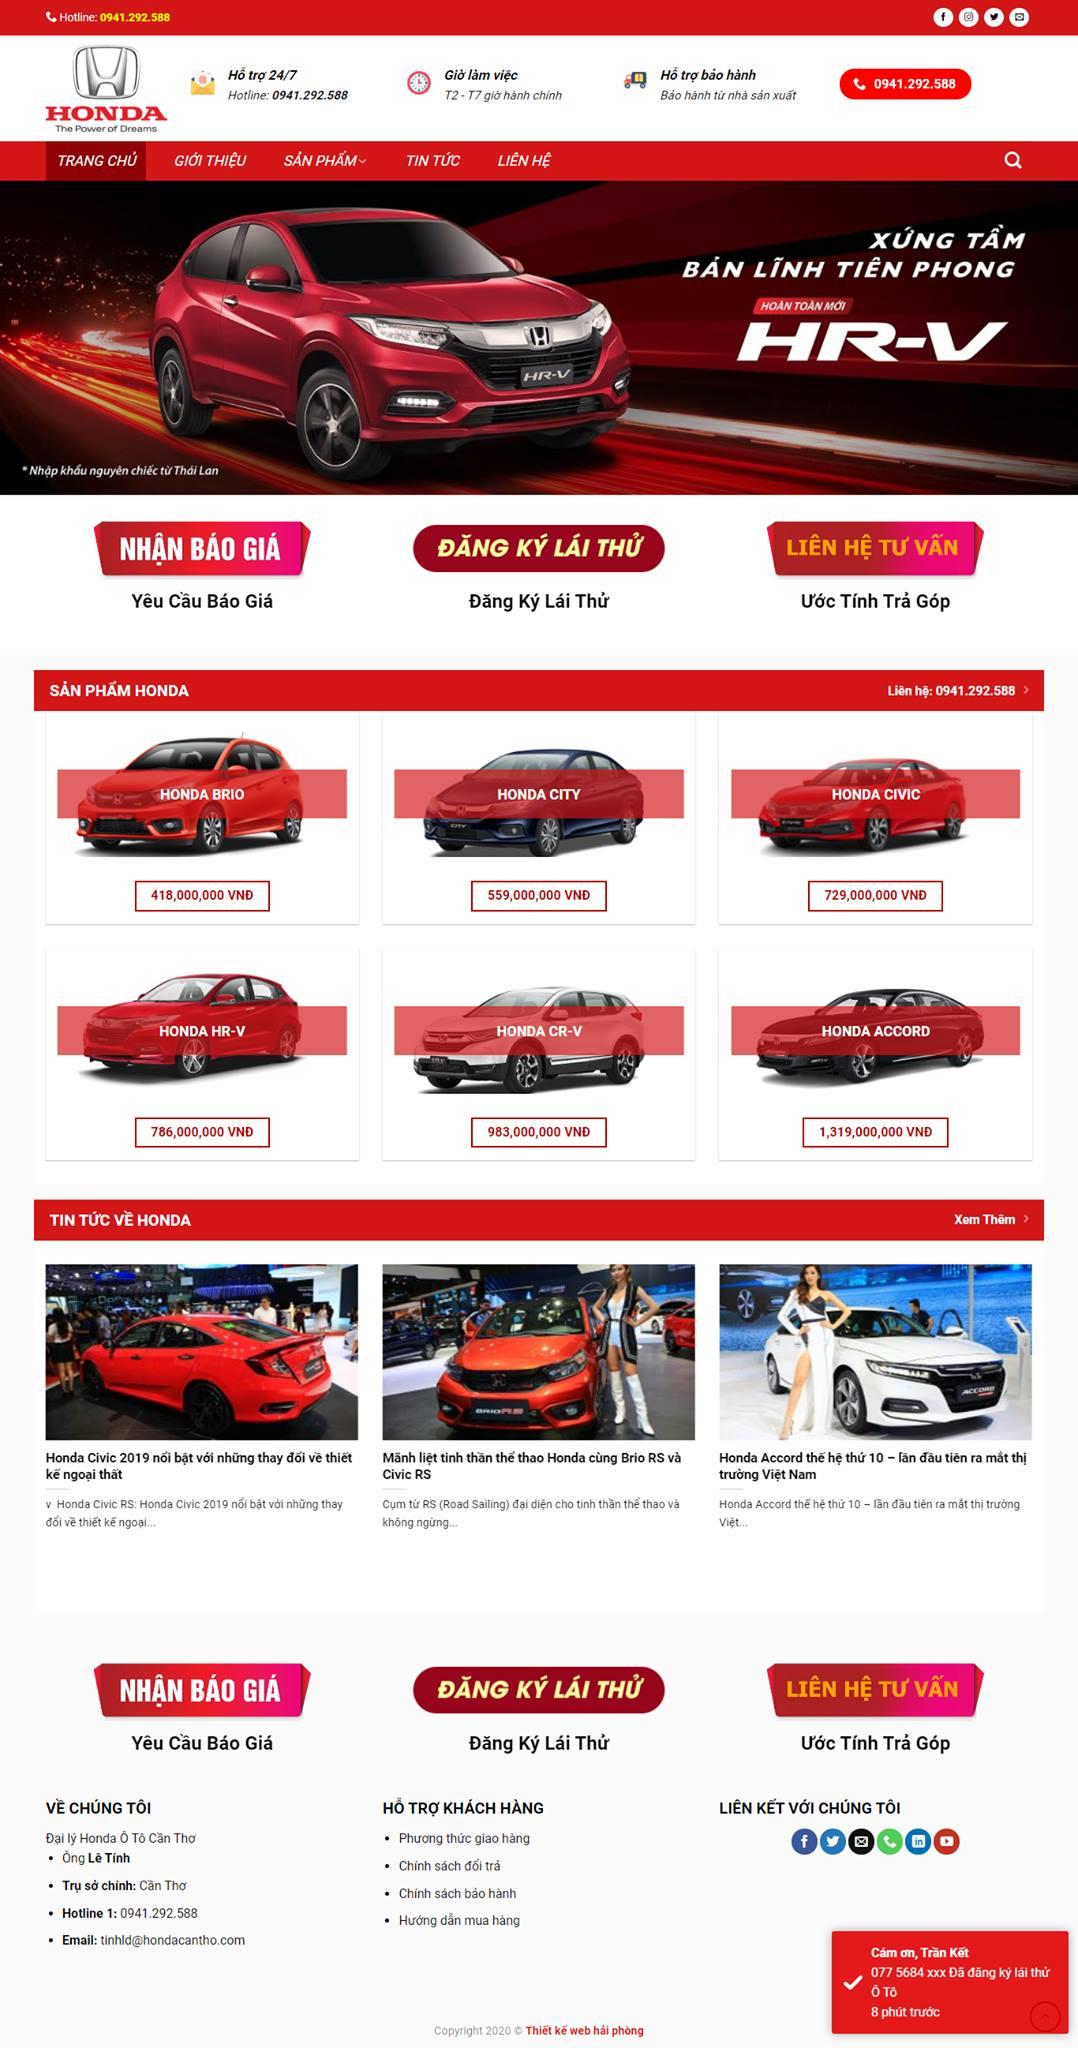 Thiết kế mẫu webgiới thiệu bán ô tô Honda